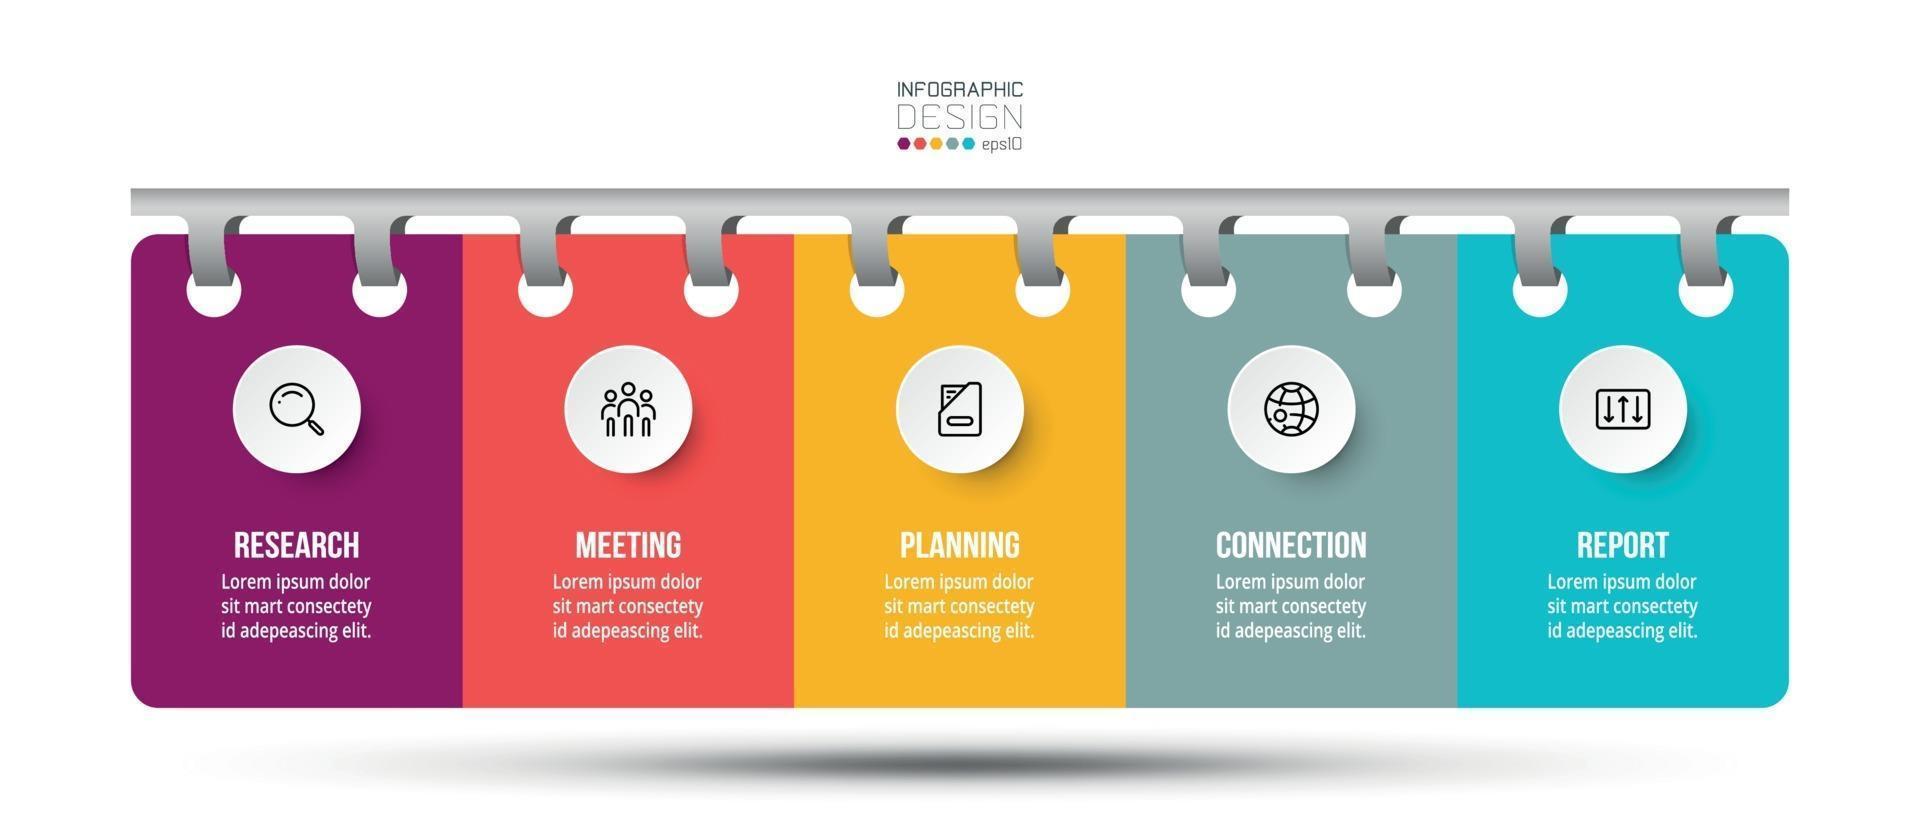 Presentar y reportar resultados de estudios o análisis de datos. se puede aplicar a negocios, medicina, educación, empresas. vector